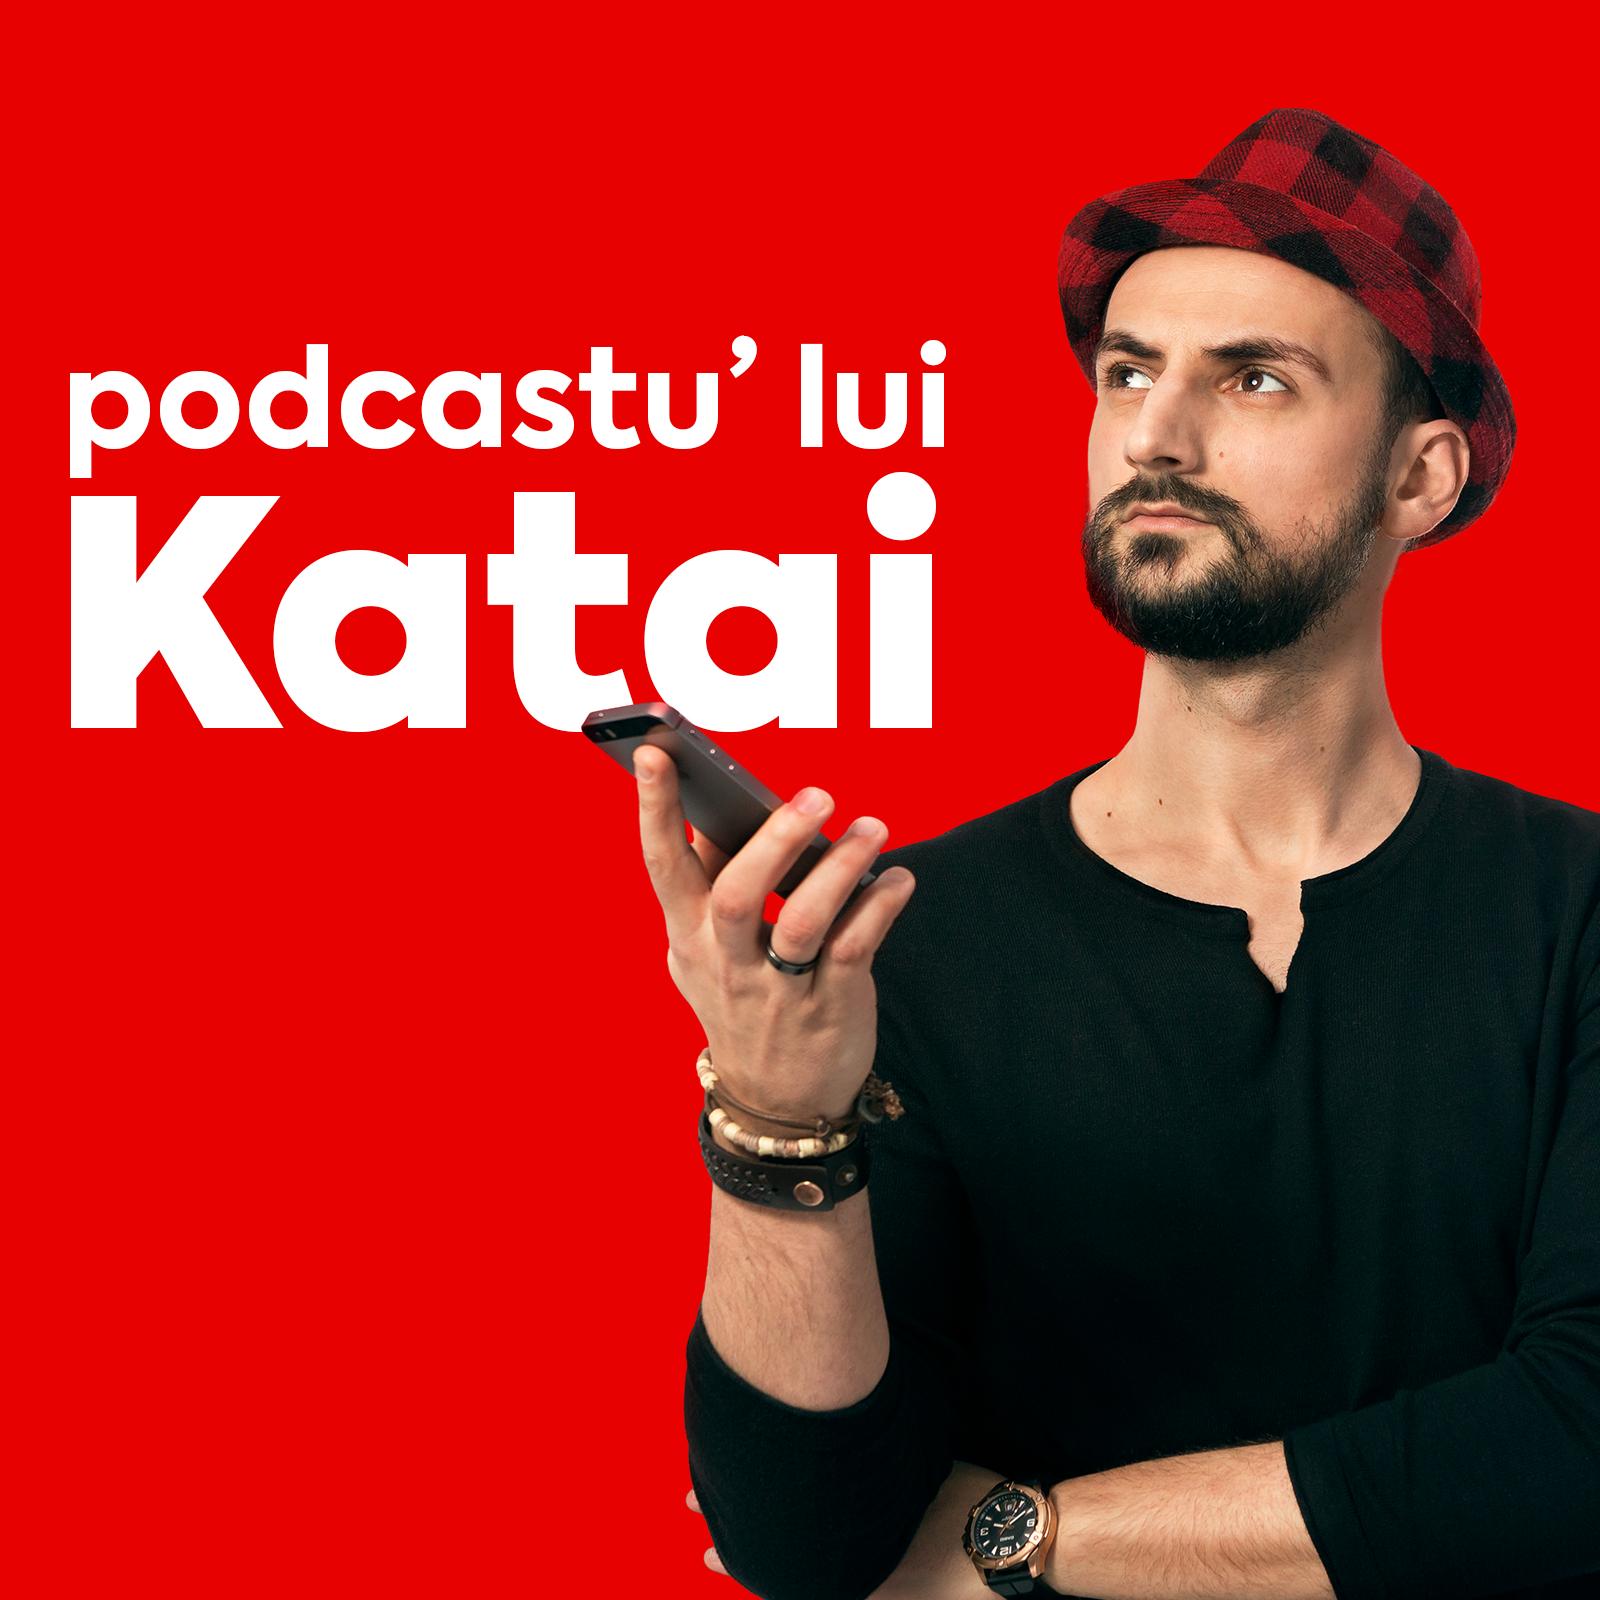 Artwork for 50: Marian Hurducaș îmi ia interviu! Voi mai continua podcastu' sau nu?